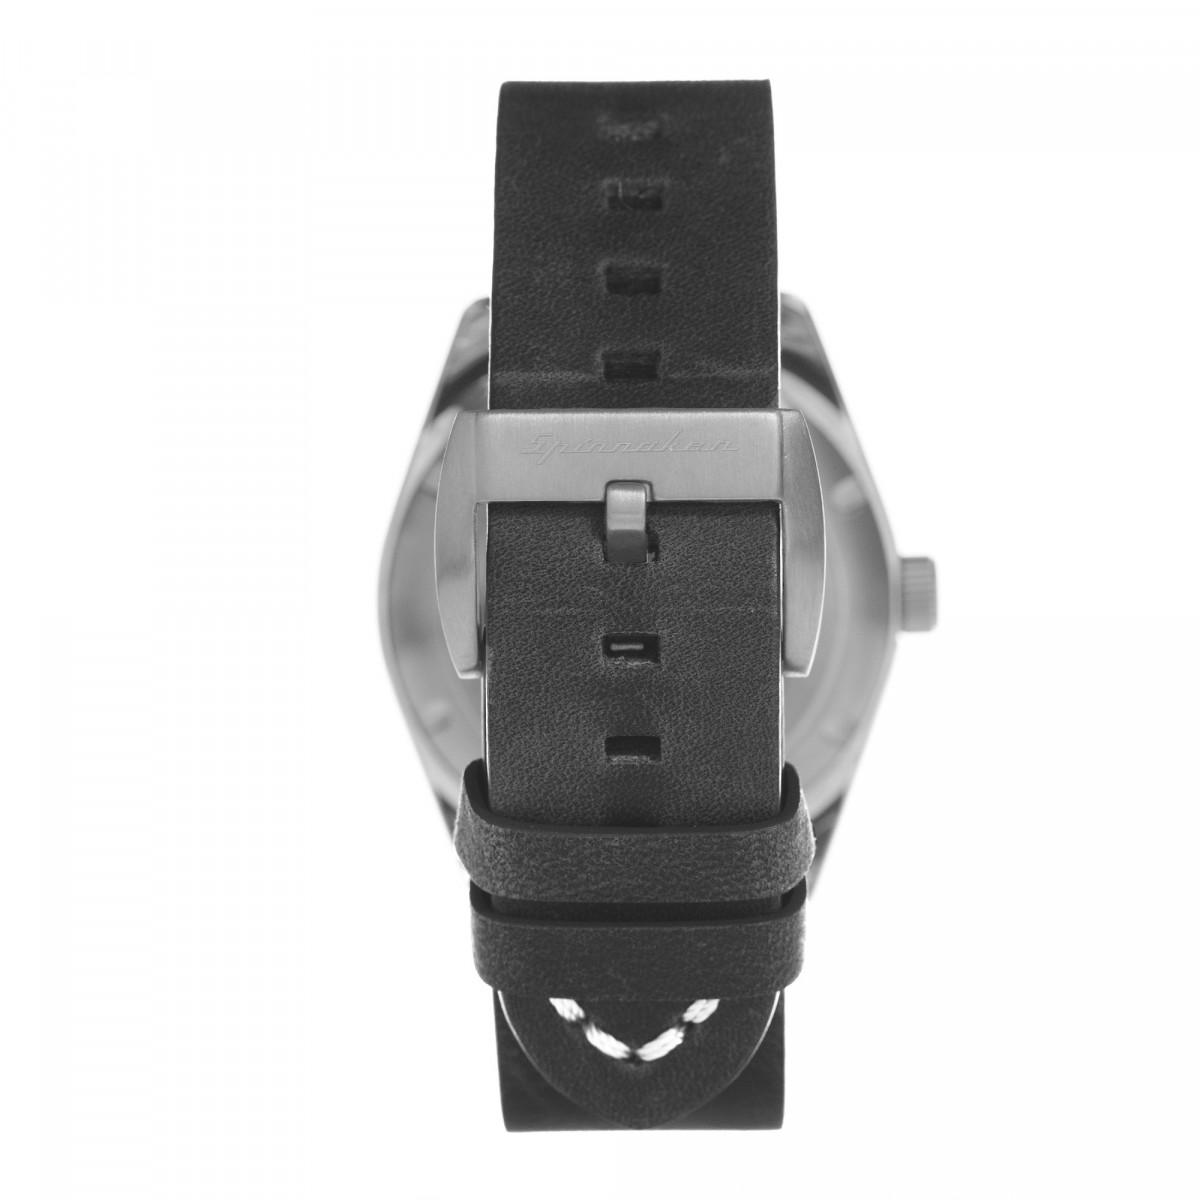 Montre Spinnaker CROFT Automatique  - Cadran Noir - SP-5058-03